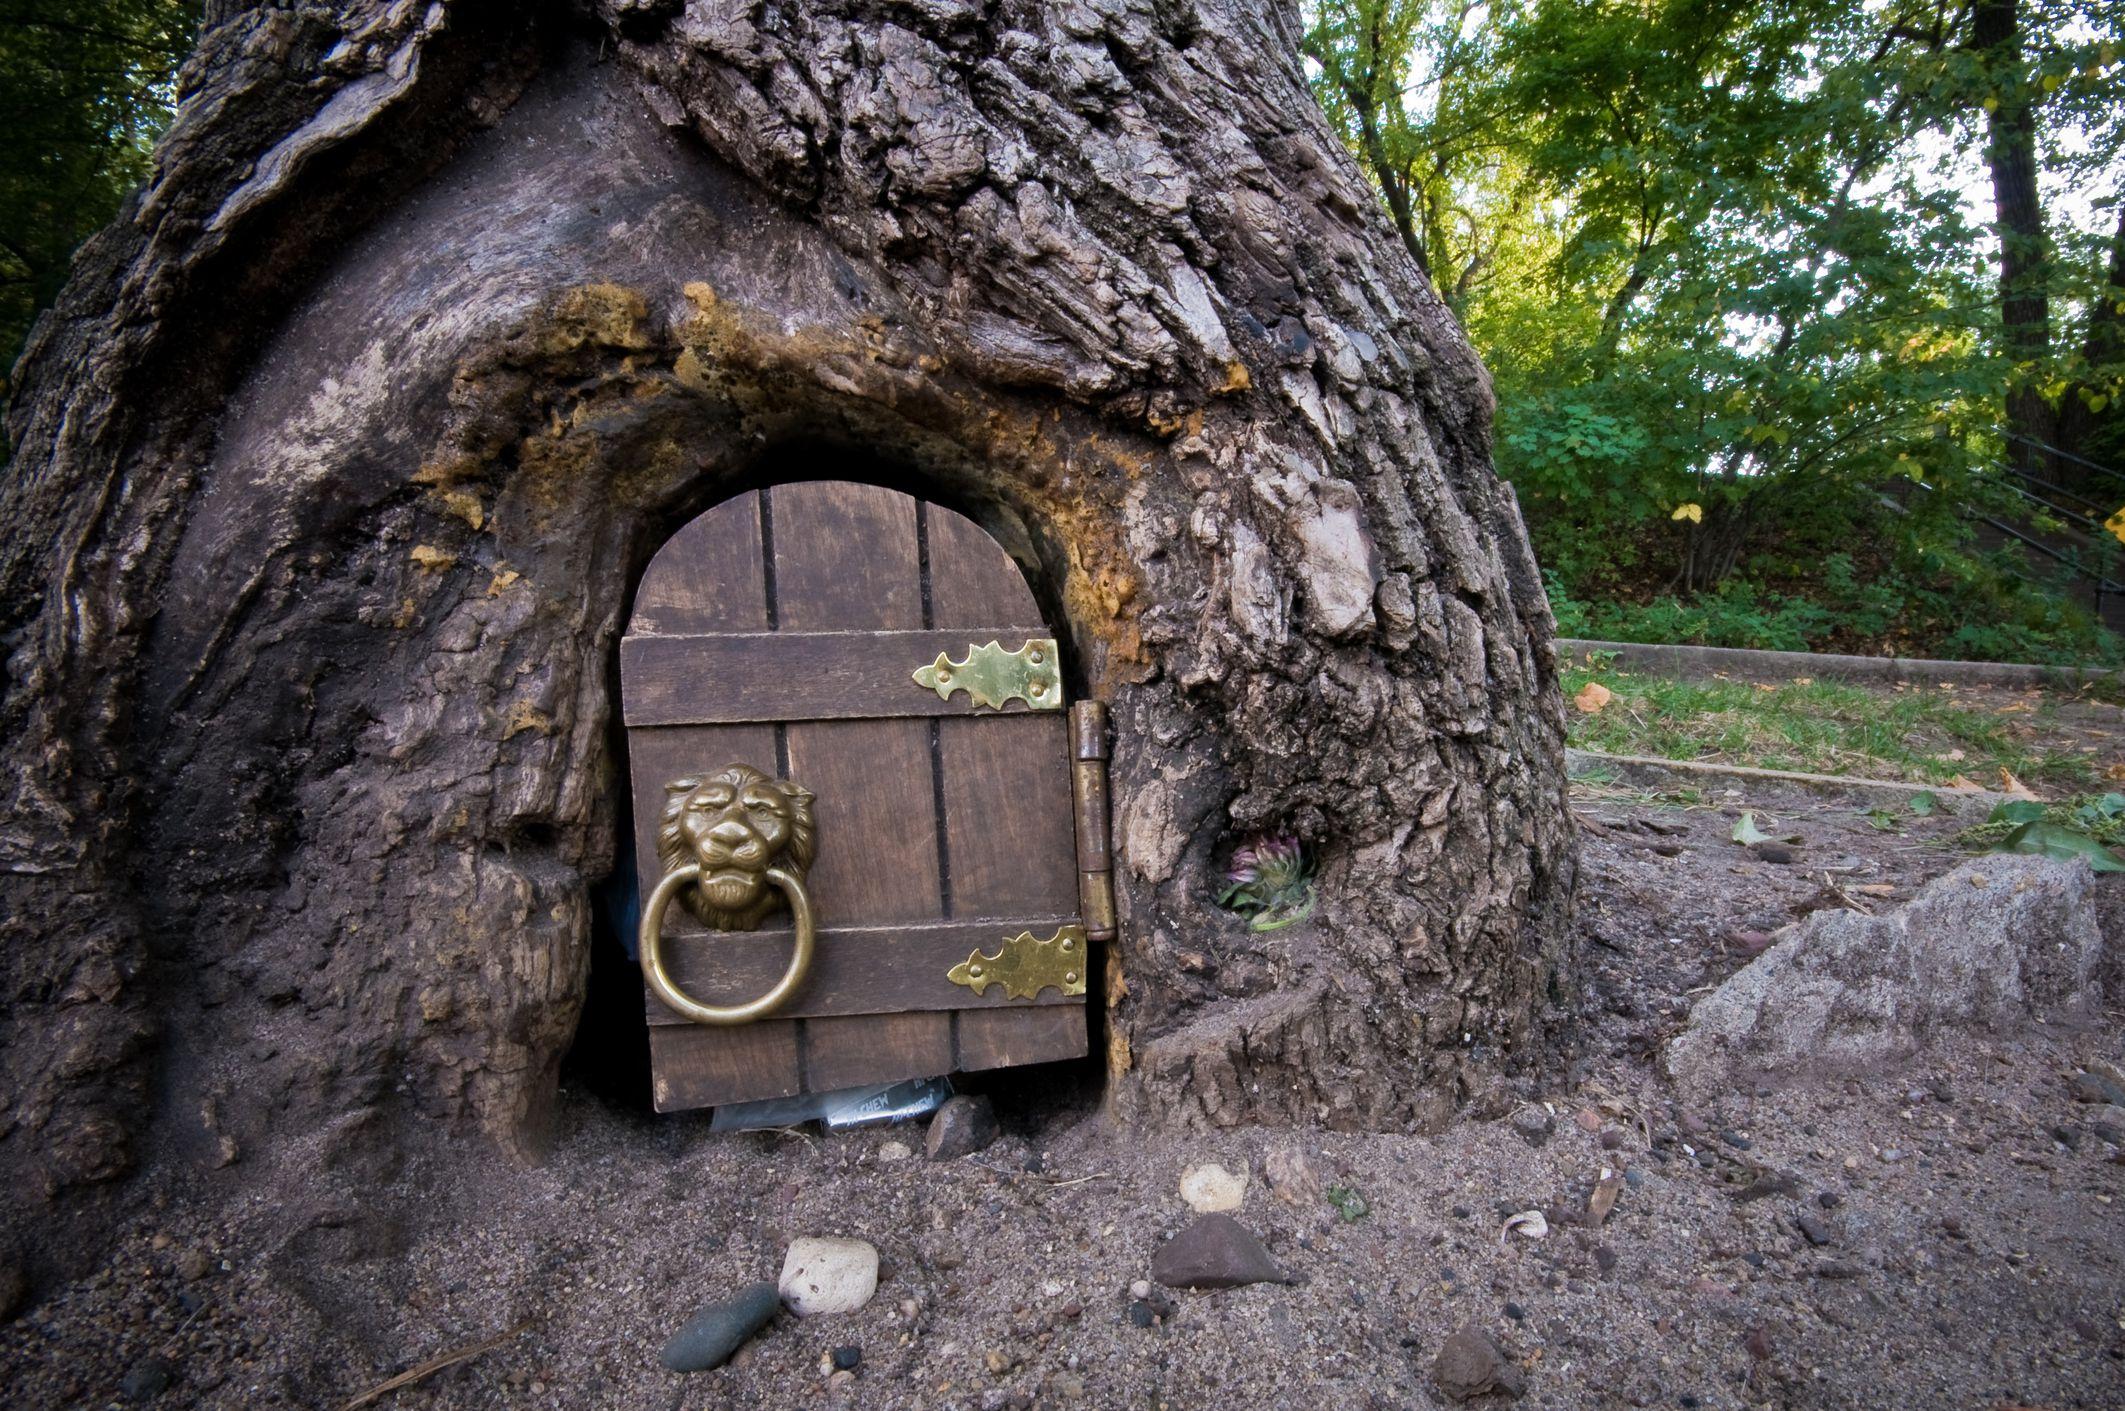 Una pequeña puerta en el costado de un árbol donde se deja correo para el 'duende' en el lago Harriet